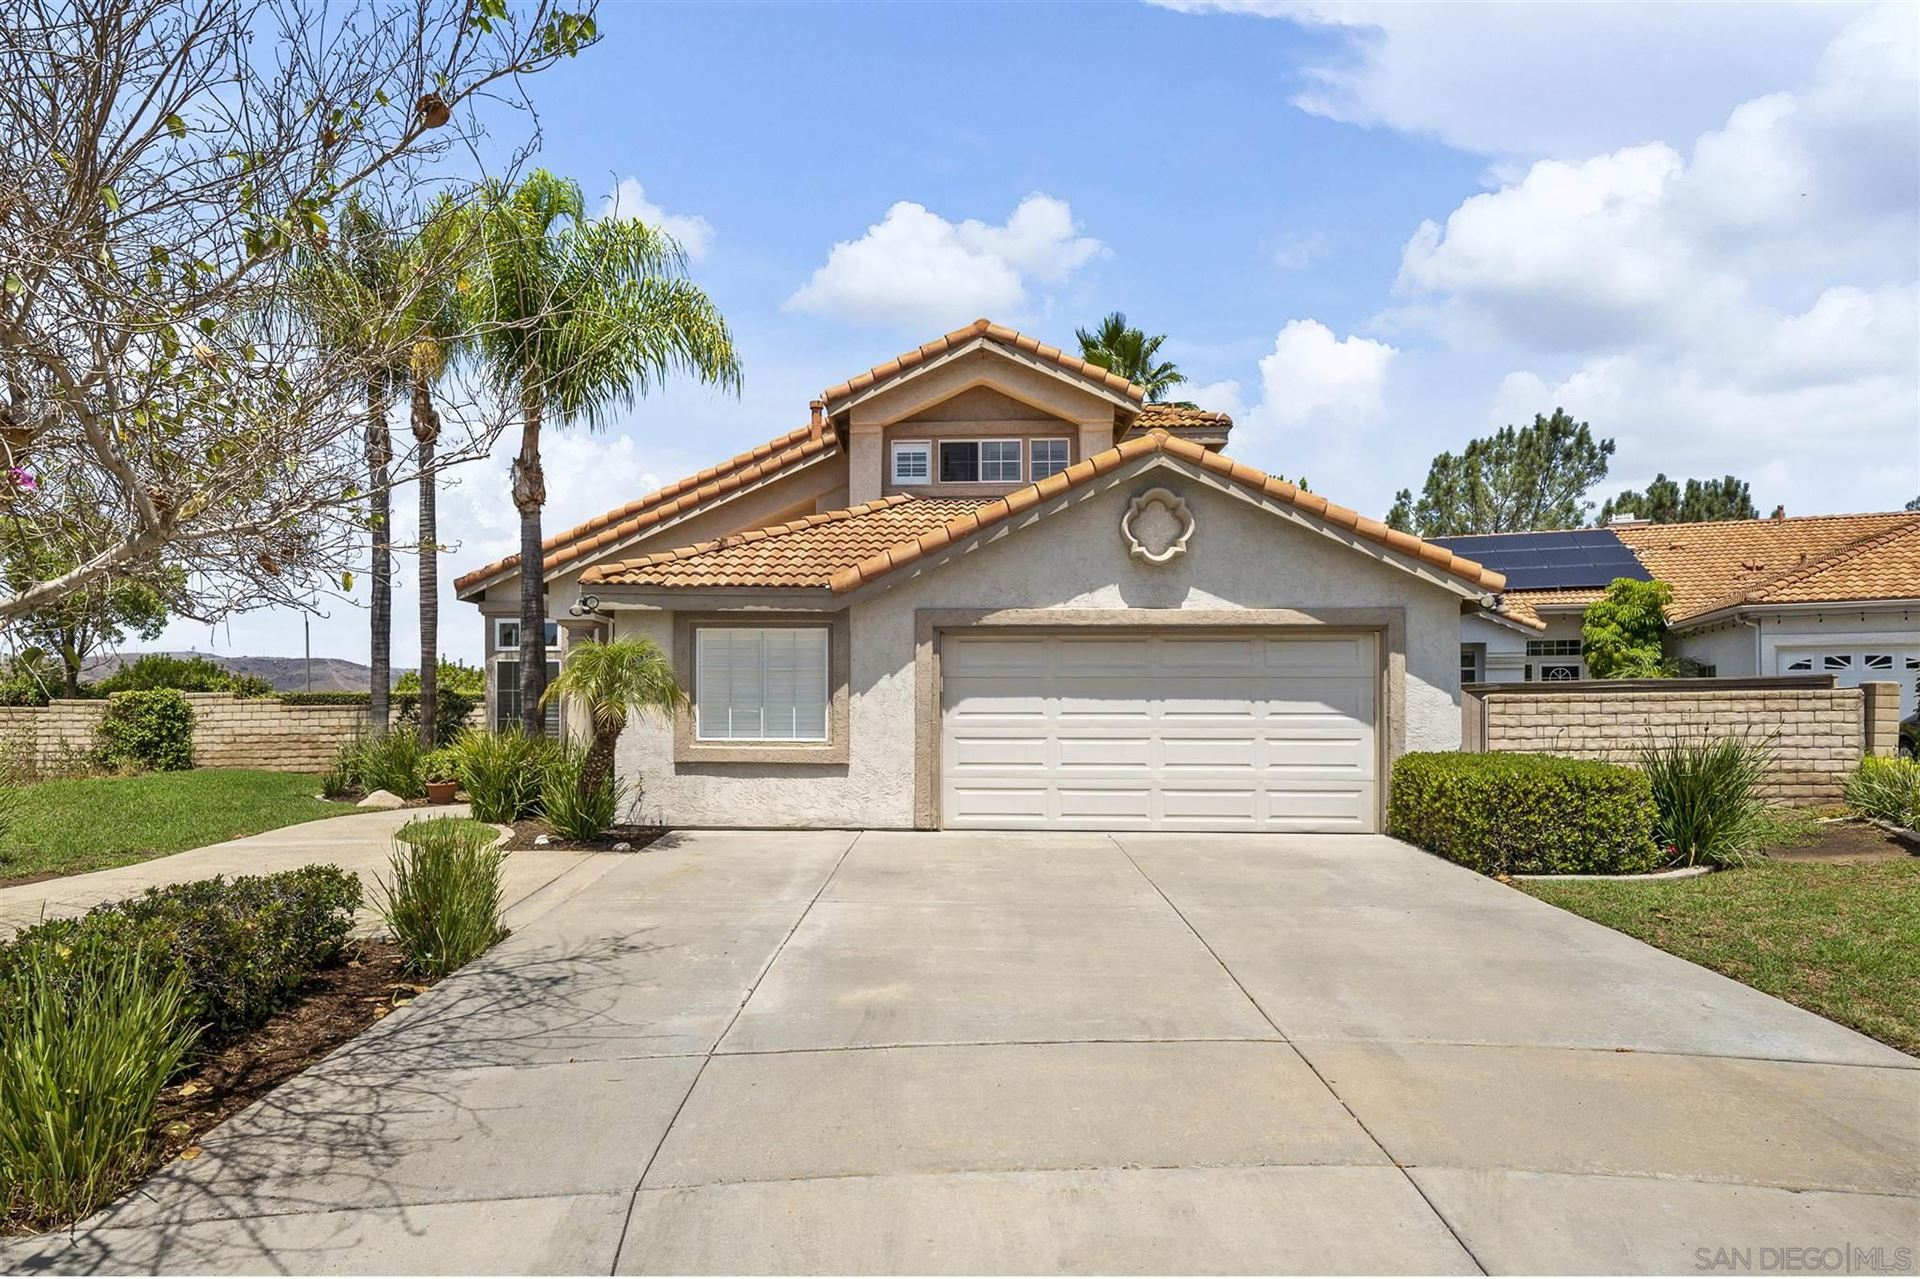 Photo of 5211 Corte Pintura, Oceanside, CA 92057 (MLS # 210021332)